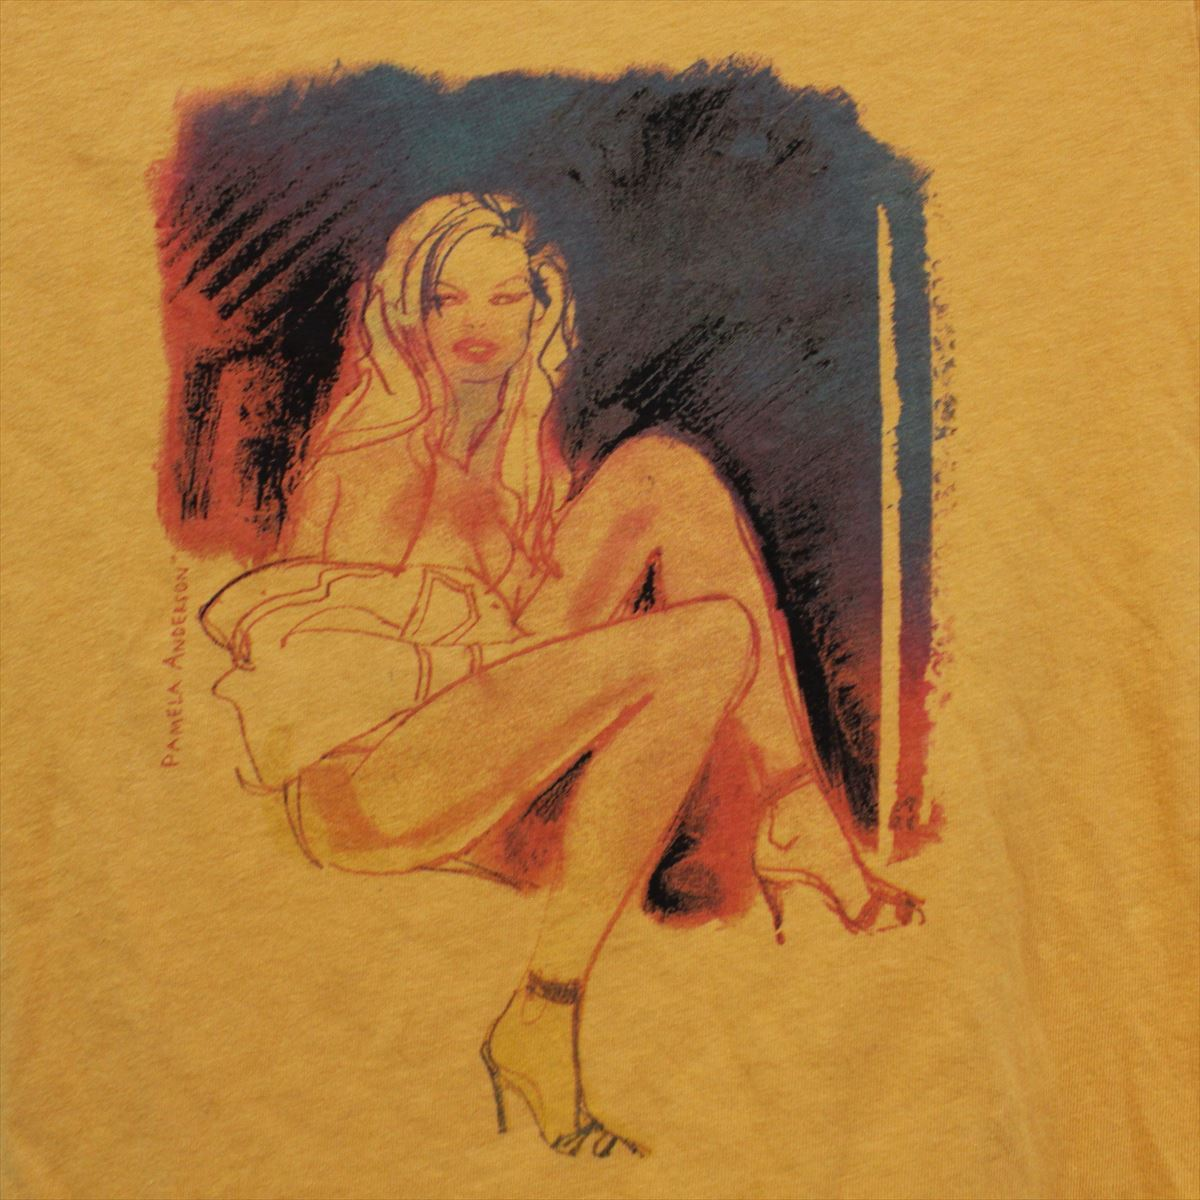 パメラアンダーソン Pamera Anderson レディース半袖Tシャツ オレンジ Sサイズ アウトレット 新品_画像2